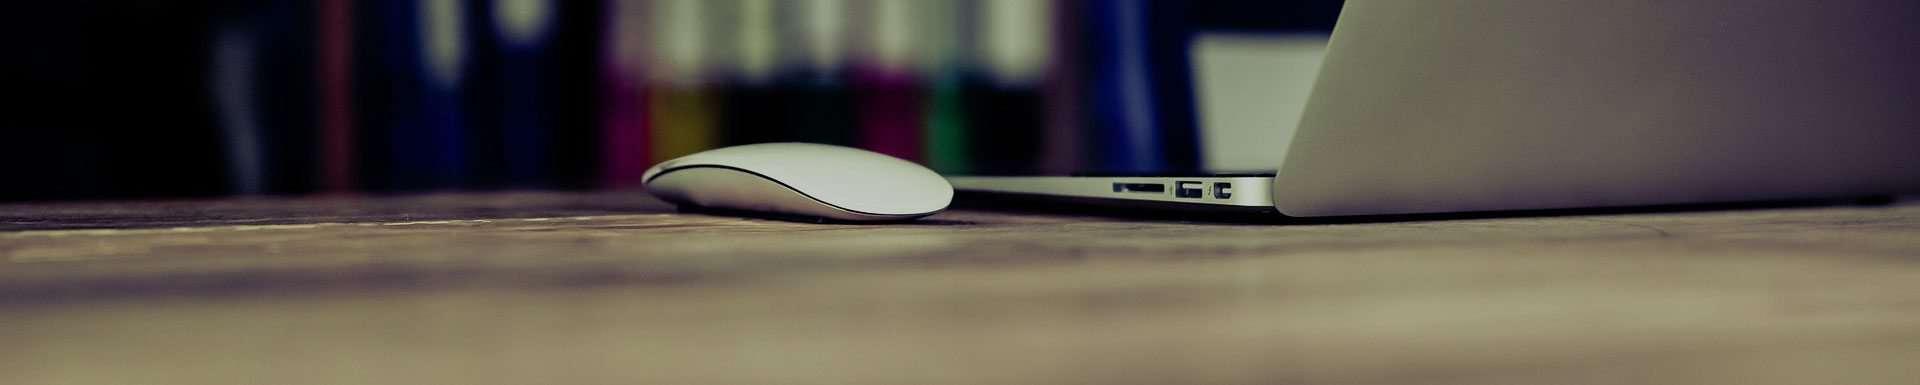 WD-40 Blog